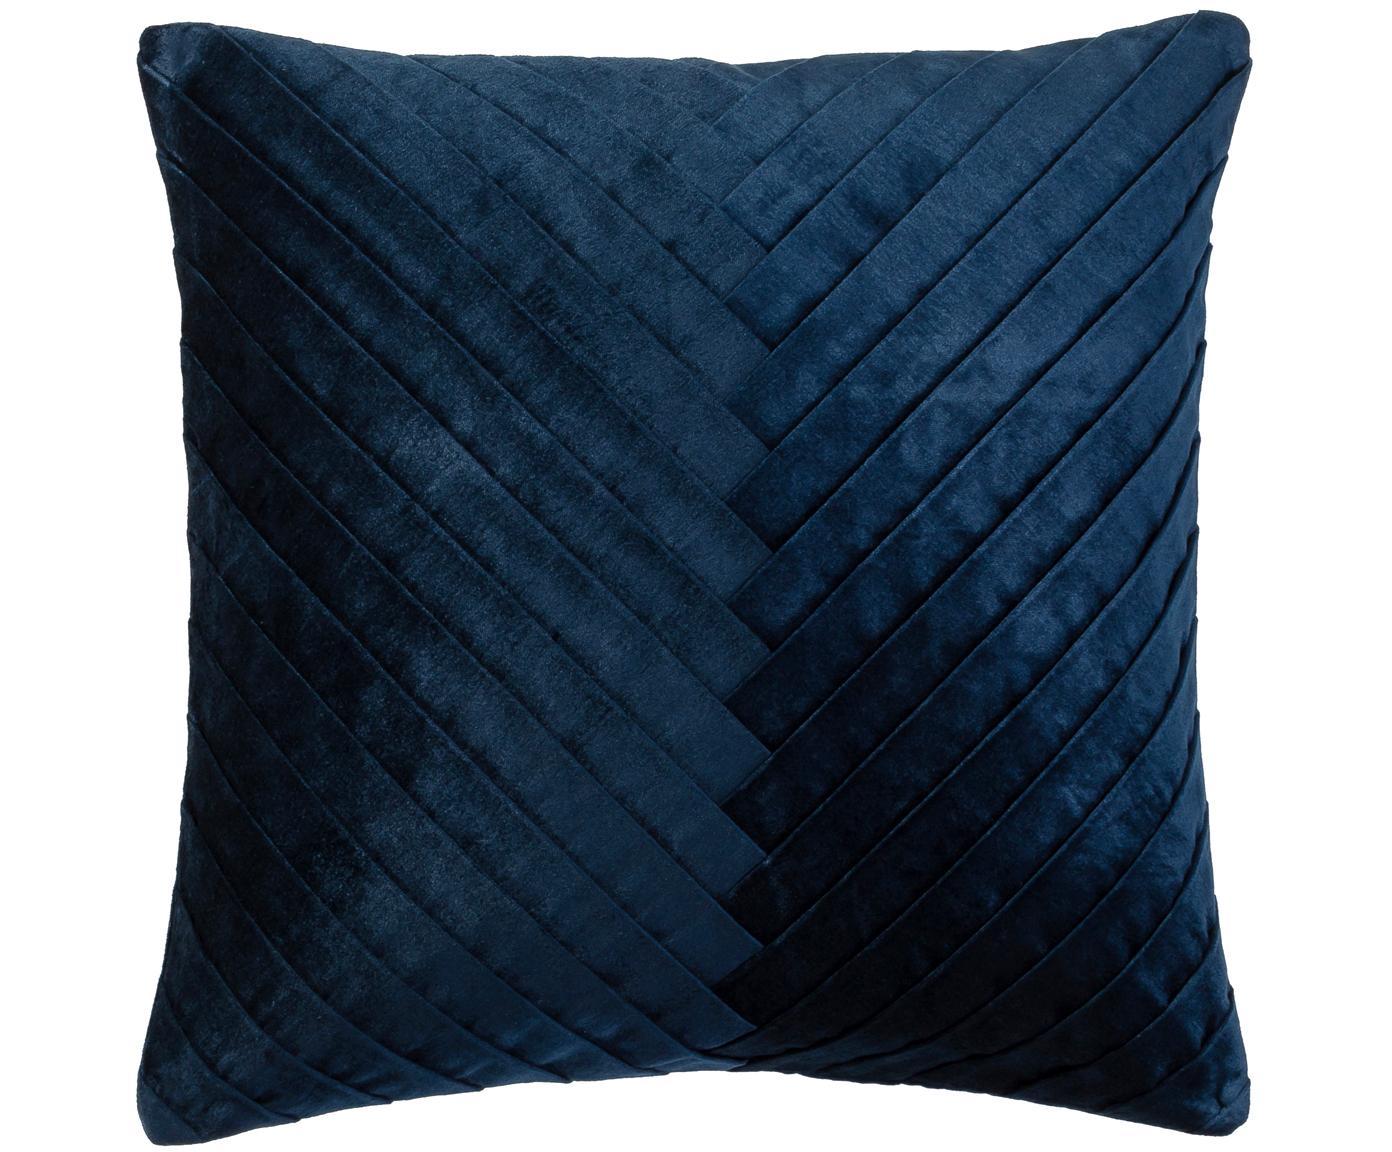 Poszewka na poduszkę z aksamitu Betty, 50% bawełna, 50% wiskoza, Ciemnyniebieski, S 50 x D 50 cm